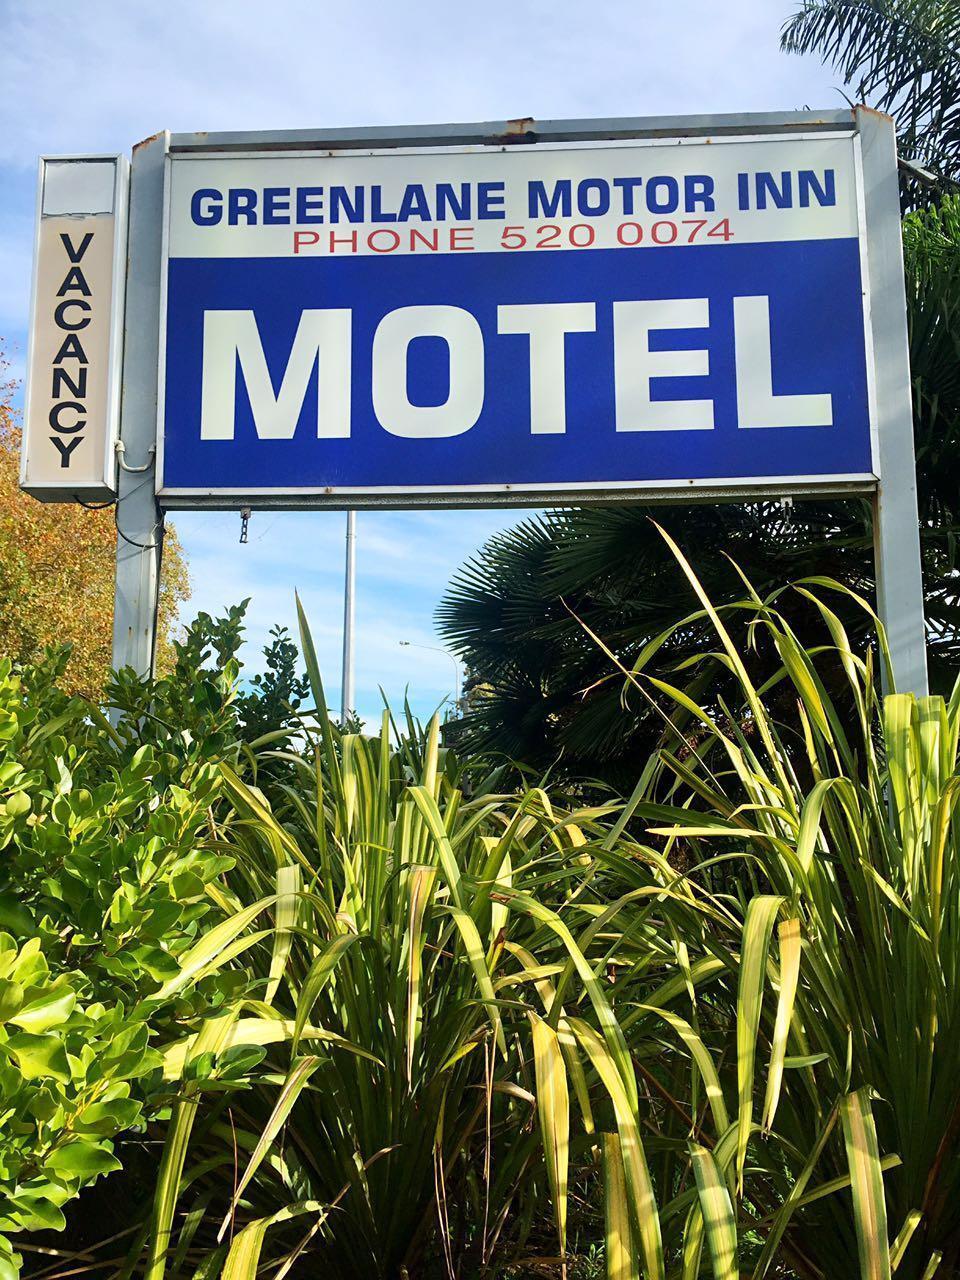 Greenlane Motor Inn